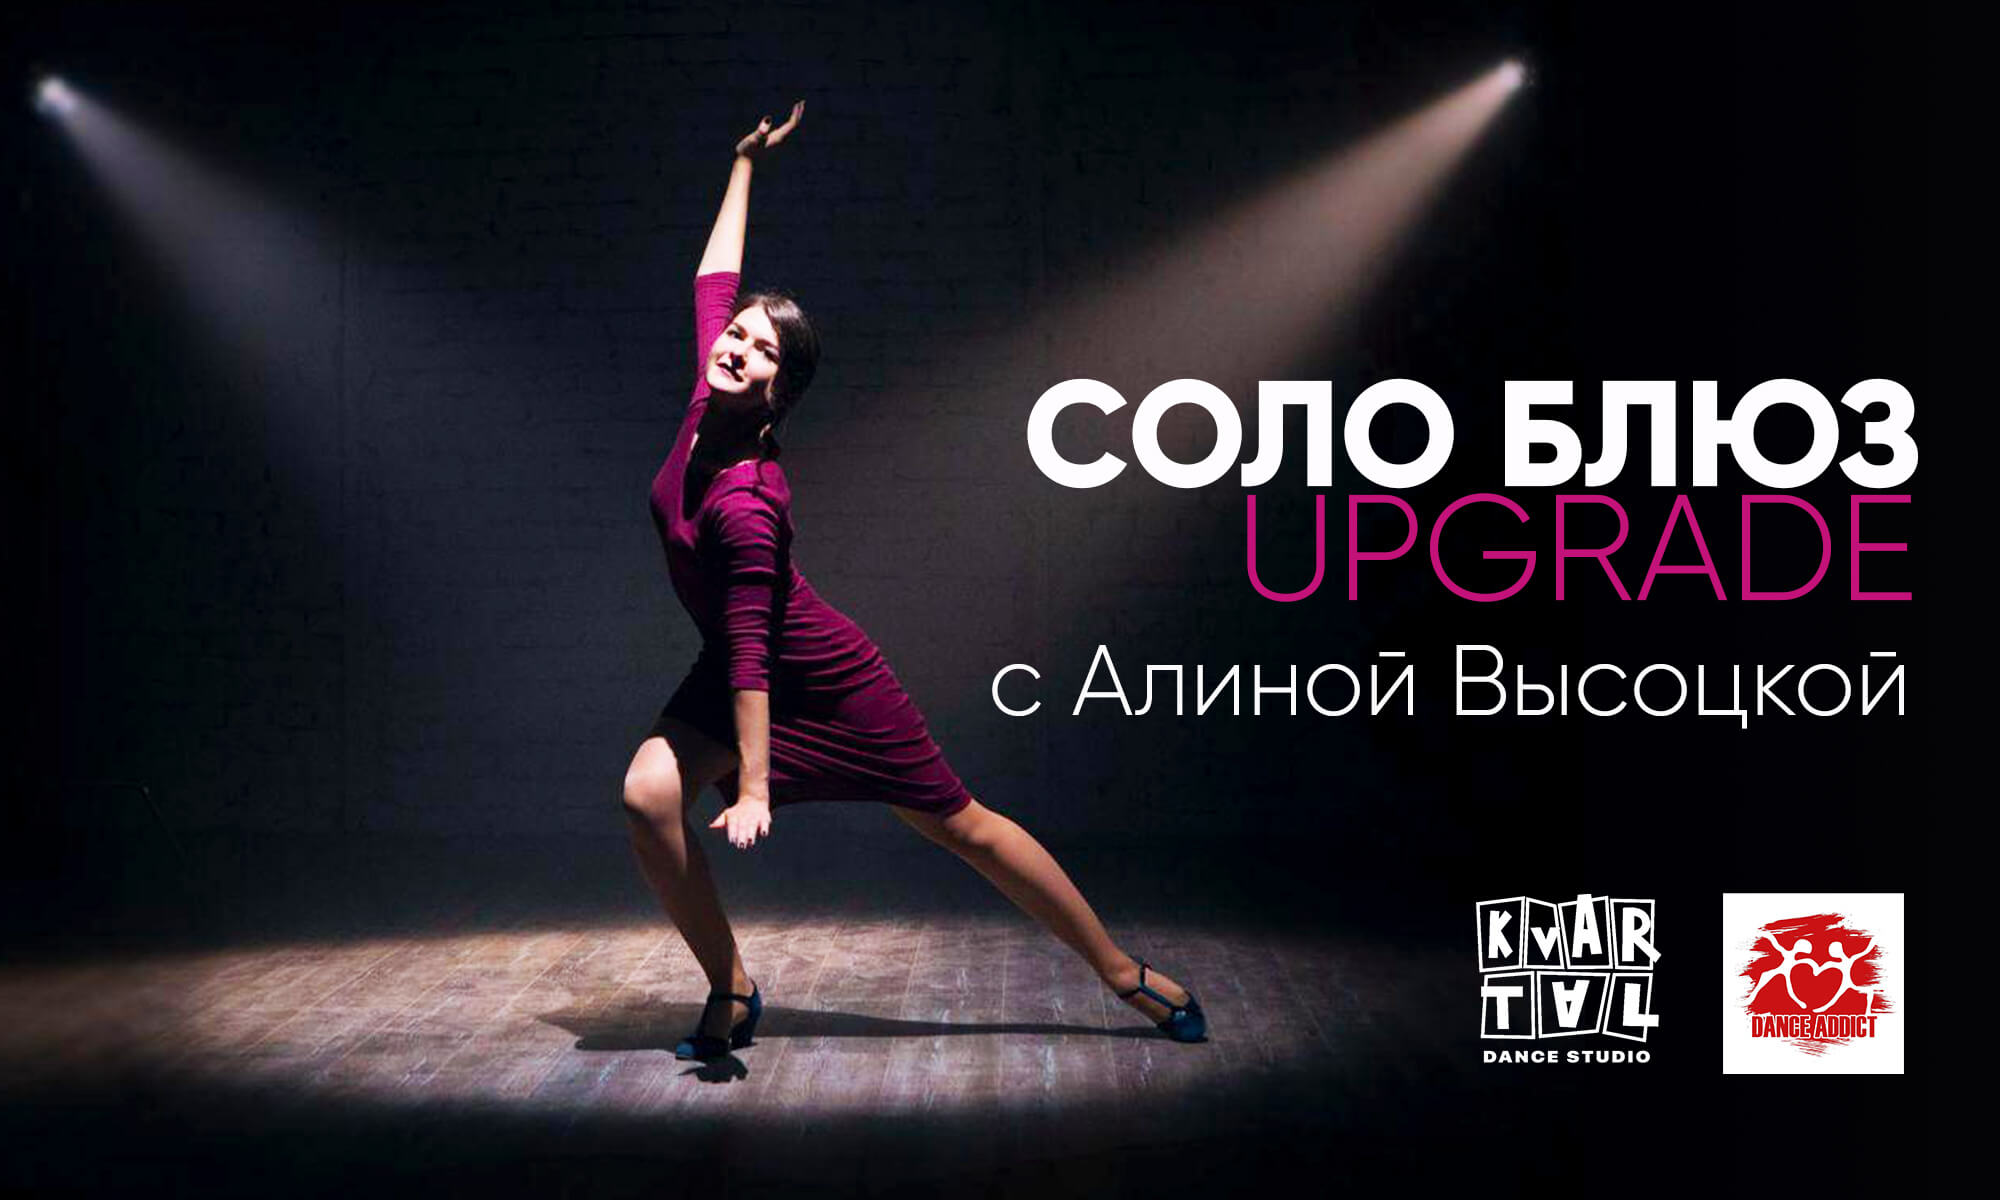 соло блюз танец, уроки соло блюза, Алина Высоцкая